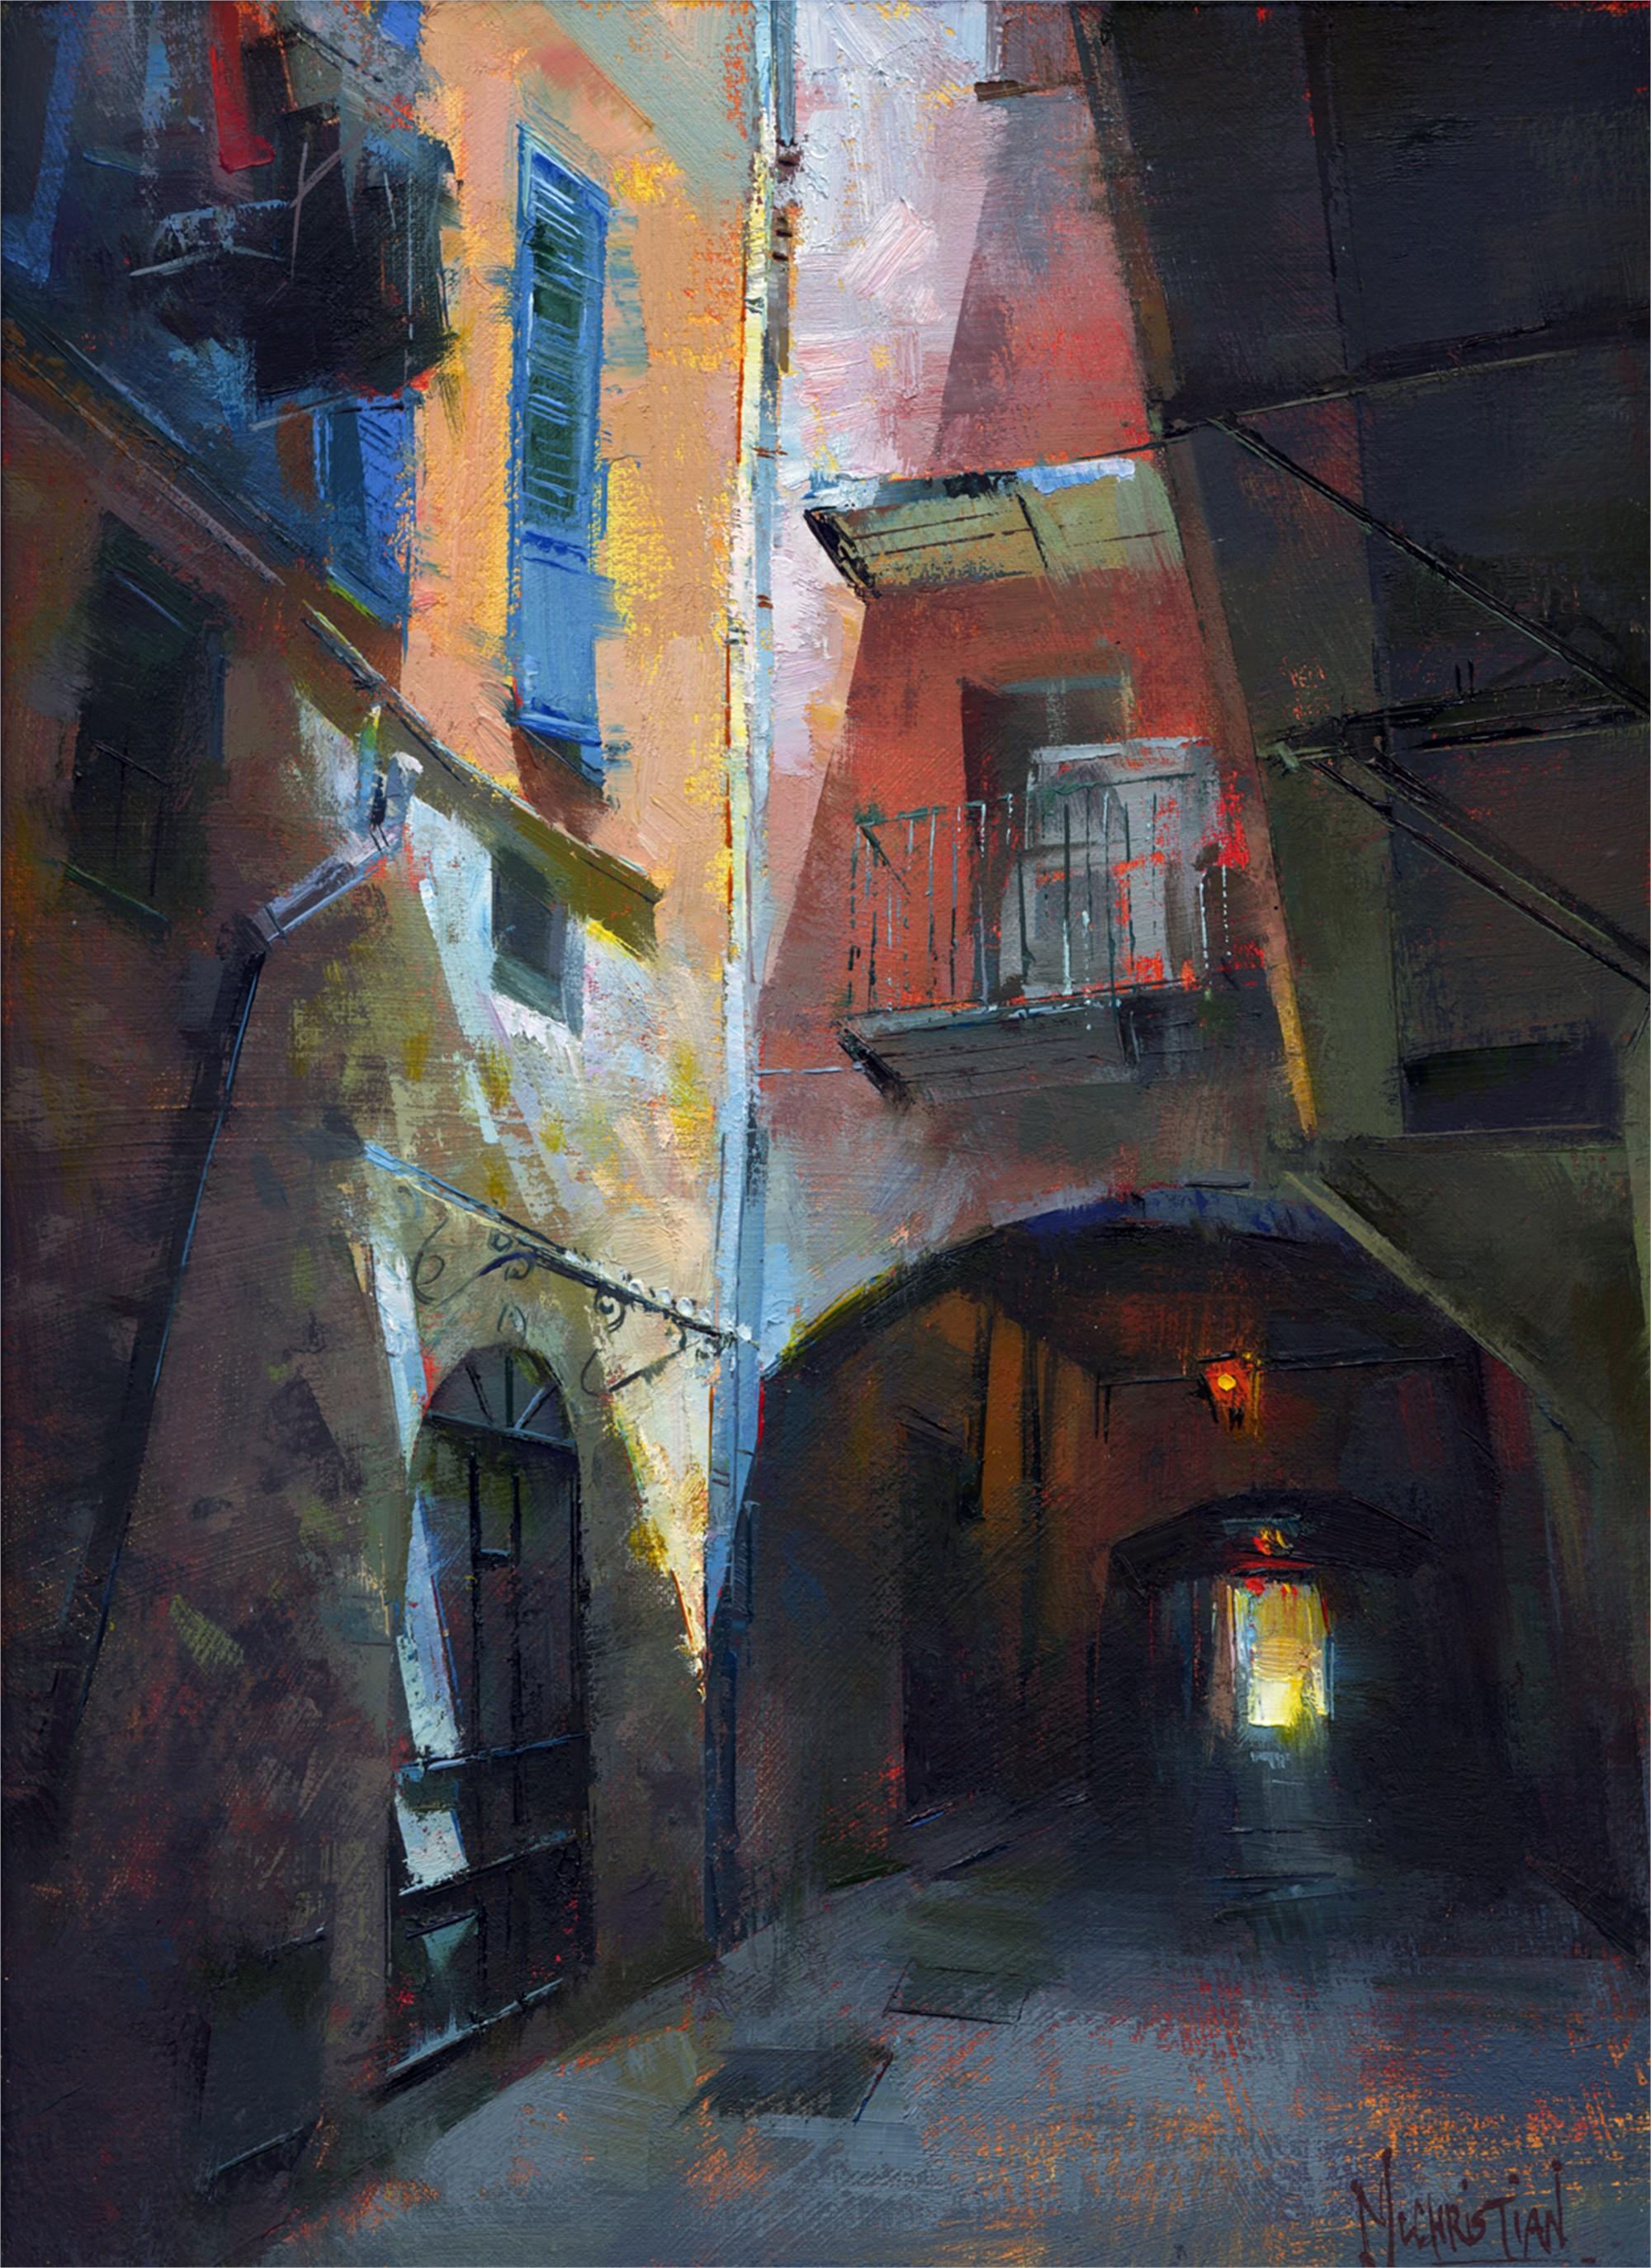 Passage of Light by Jennifer McChristian